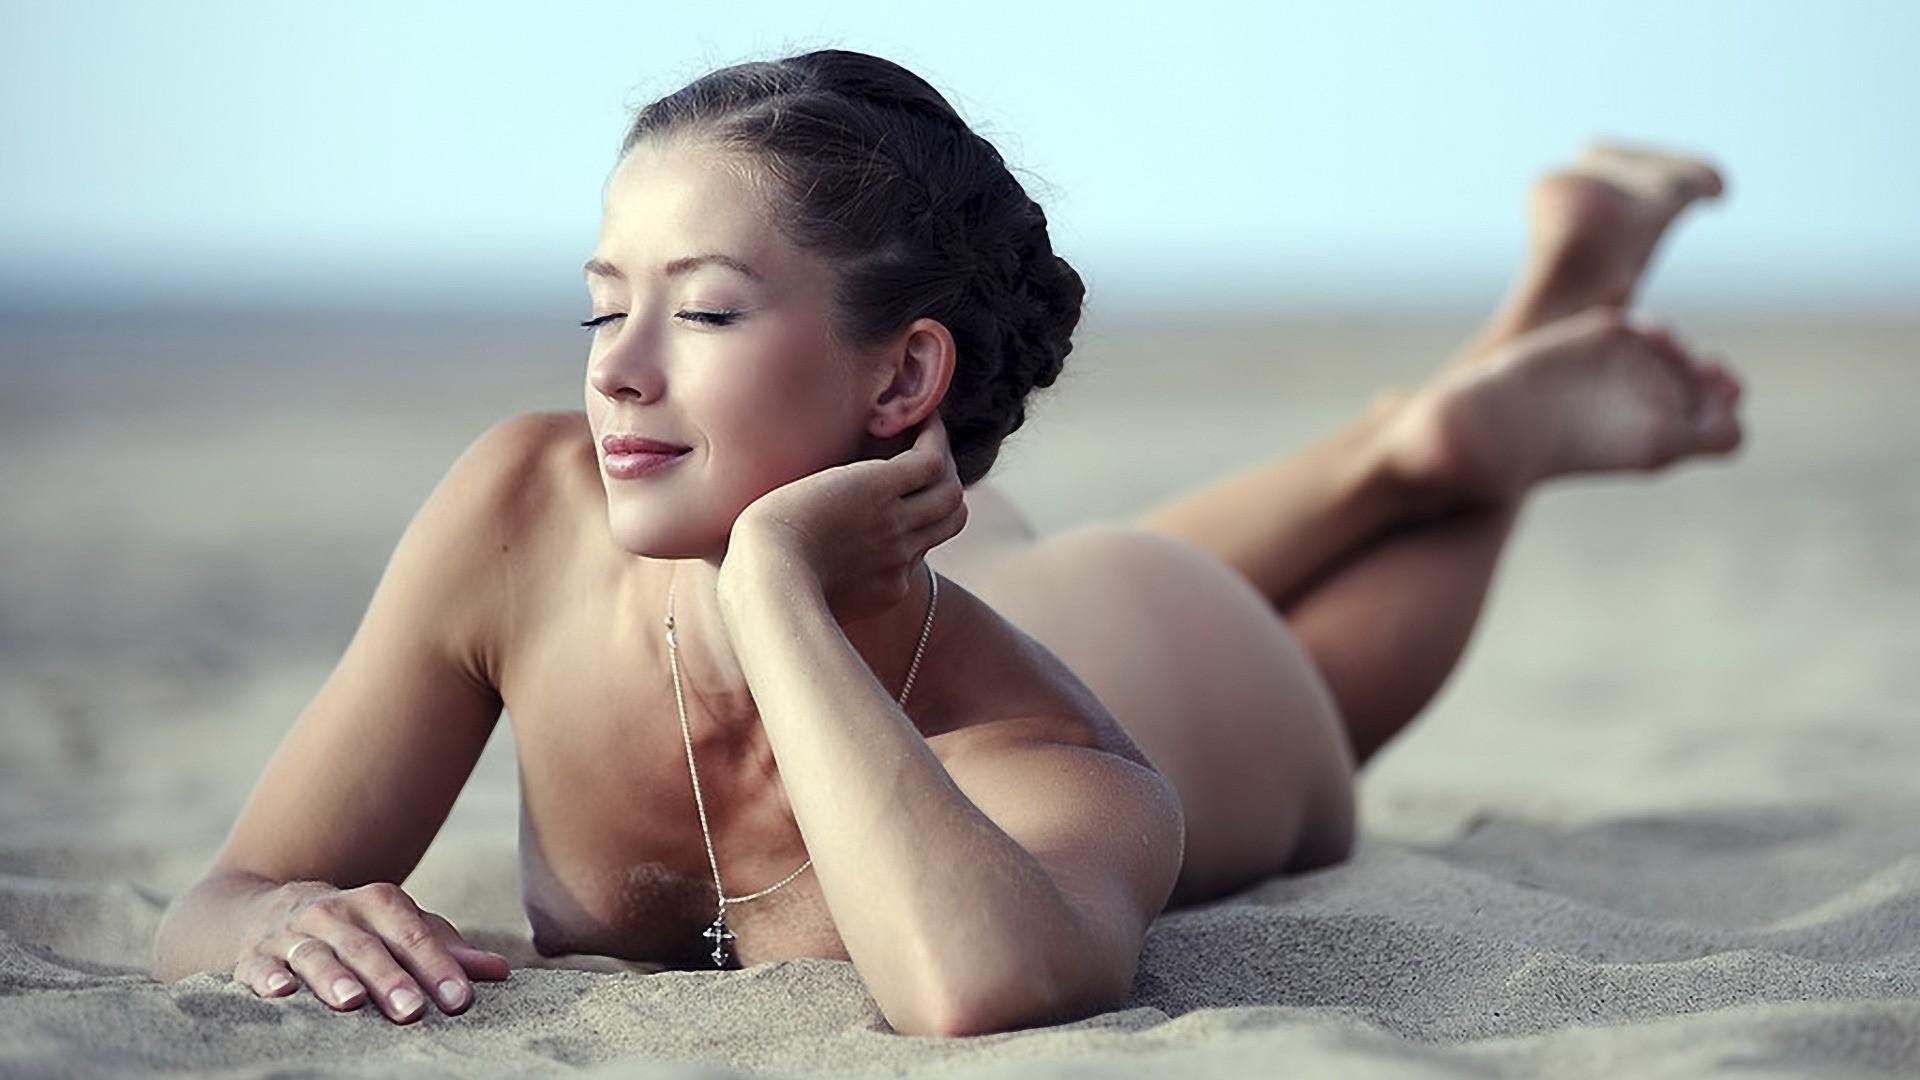 nude beach ass Family